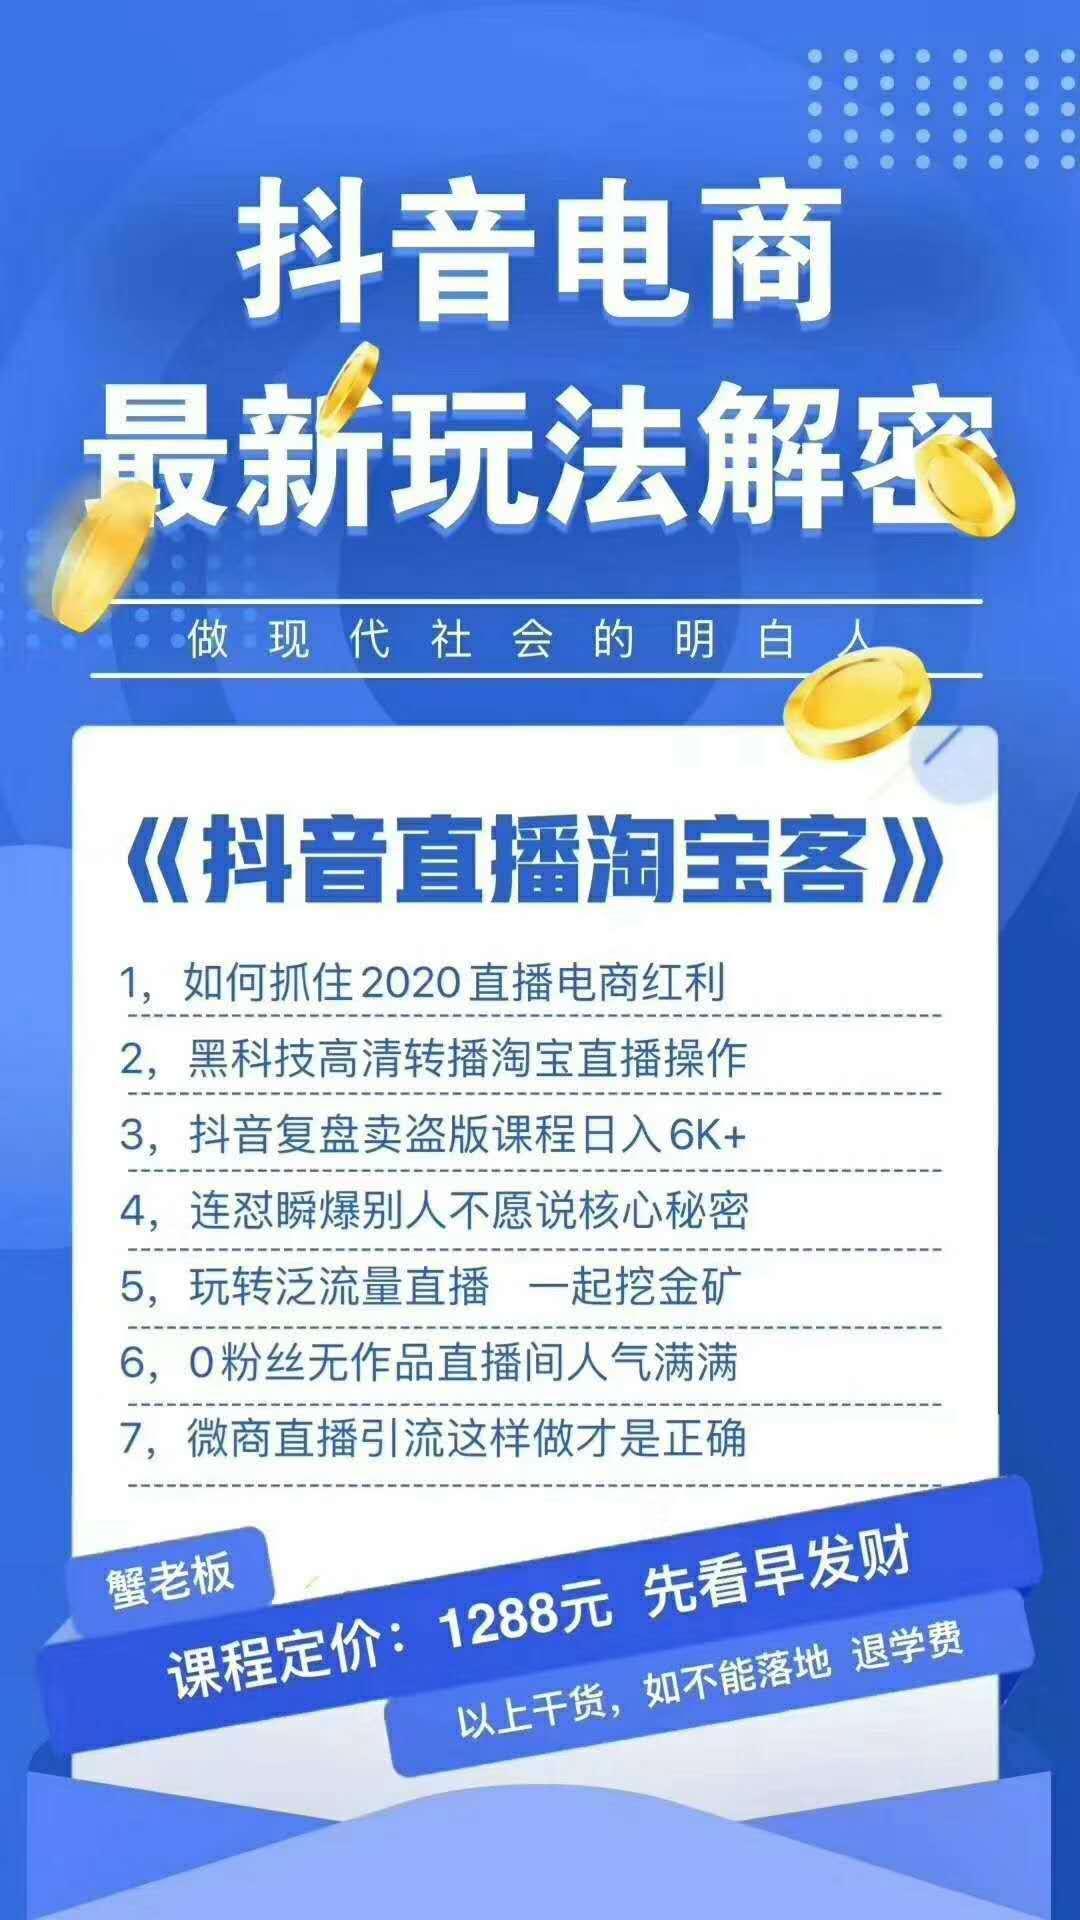 蟹老板2020最新抖音直播淘宝客玩法大揭秘(连怼连爆,高权重起号)价值1288元